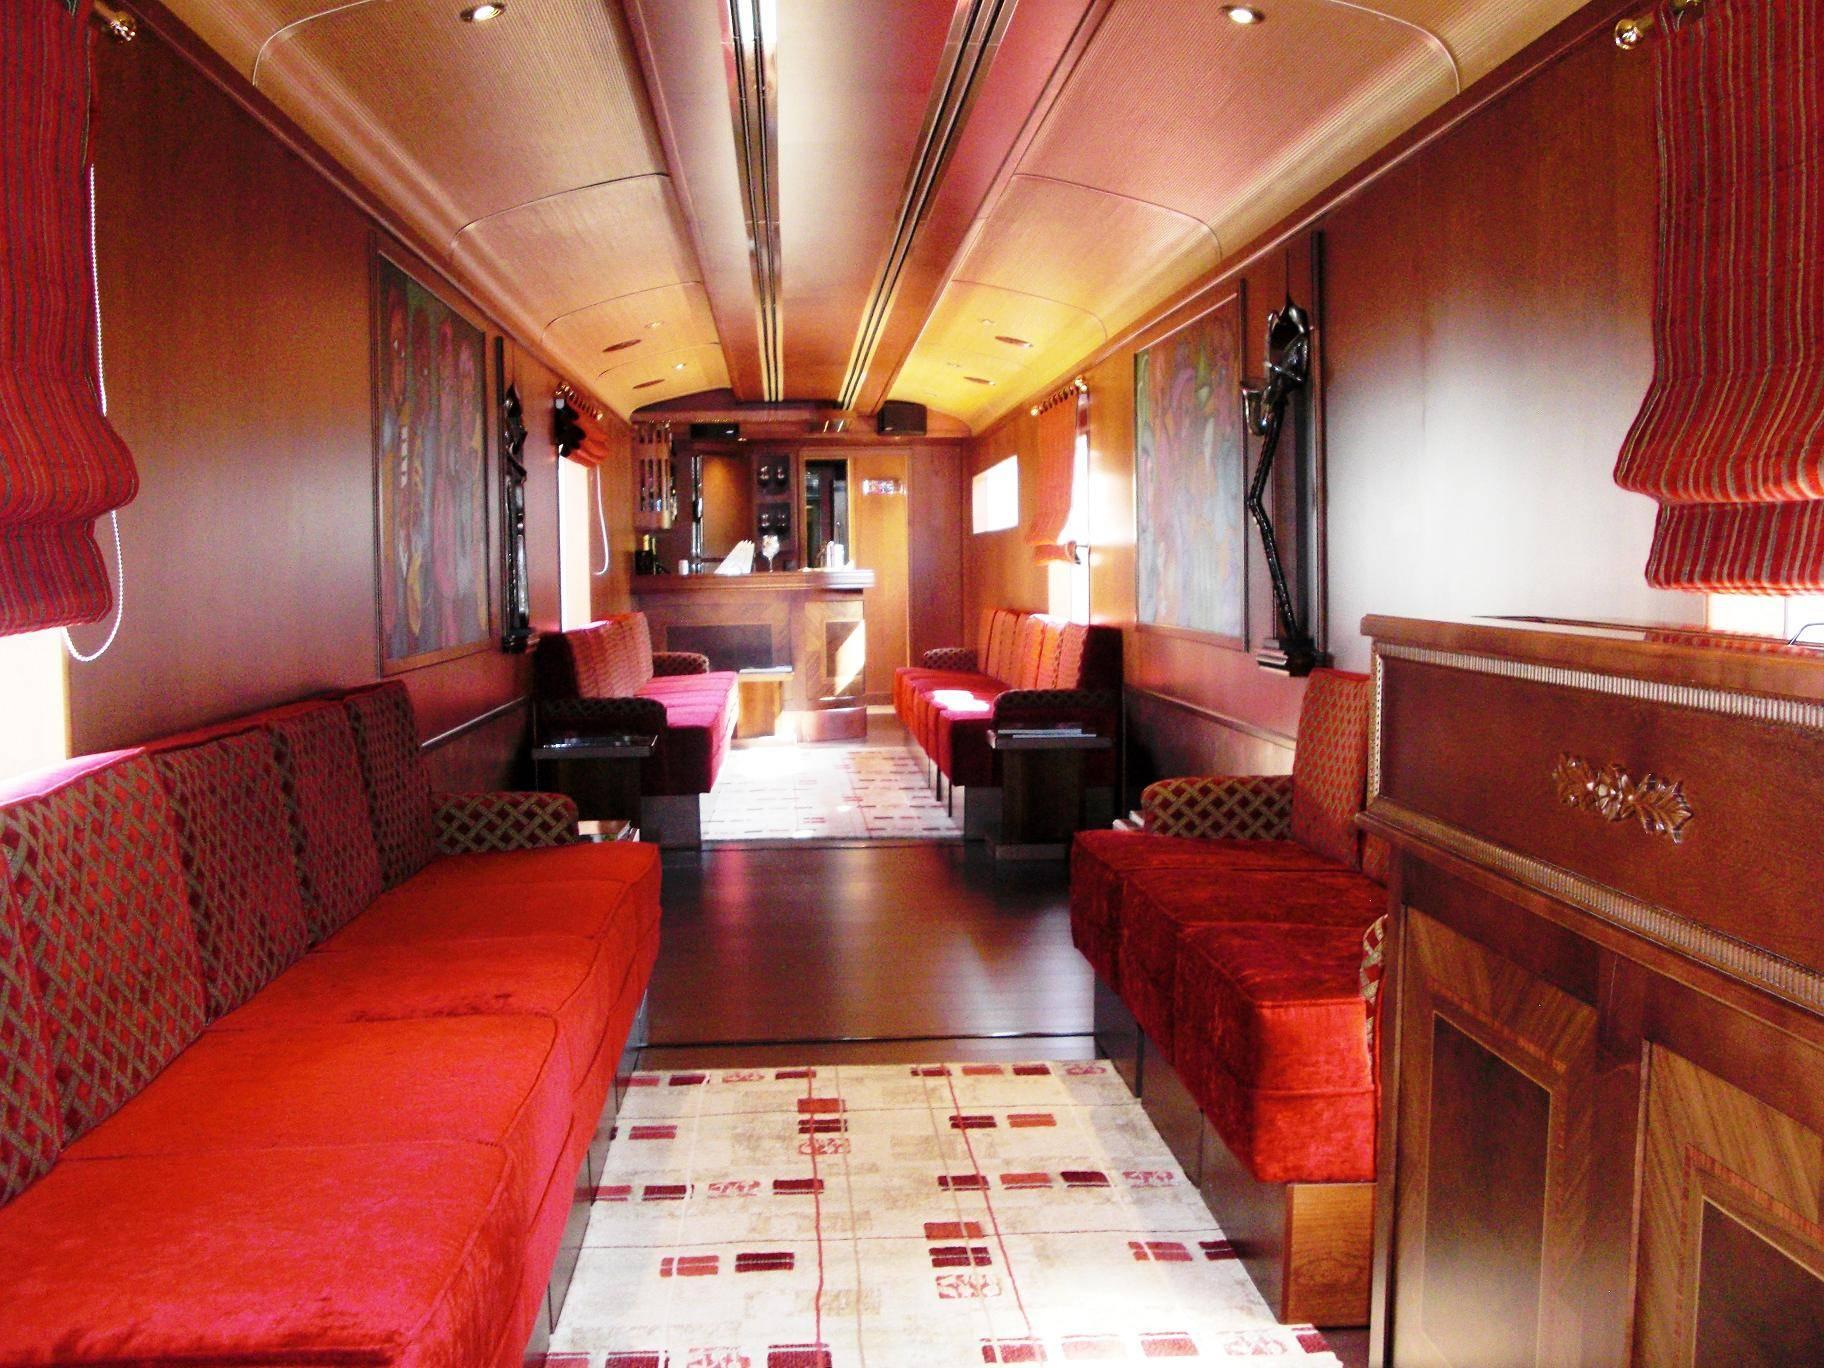 El Transcantabrico Spain Luxury Train - 2